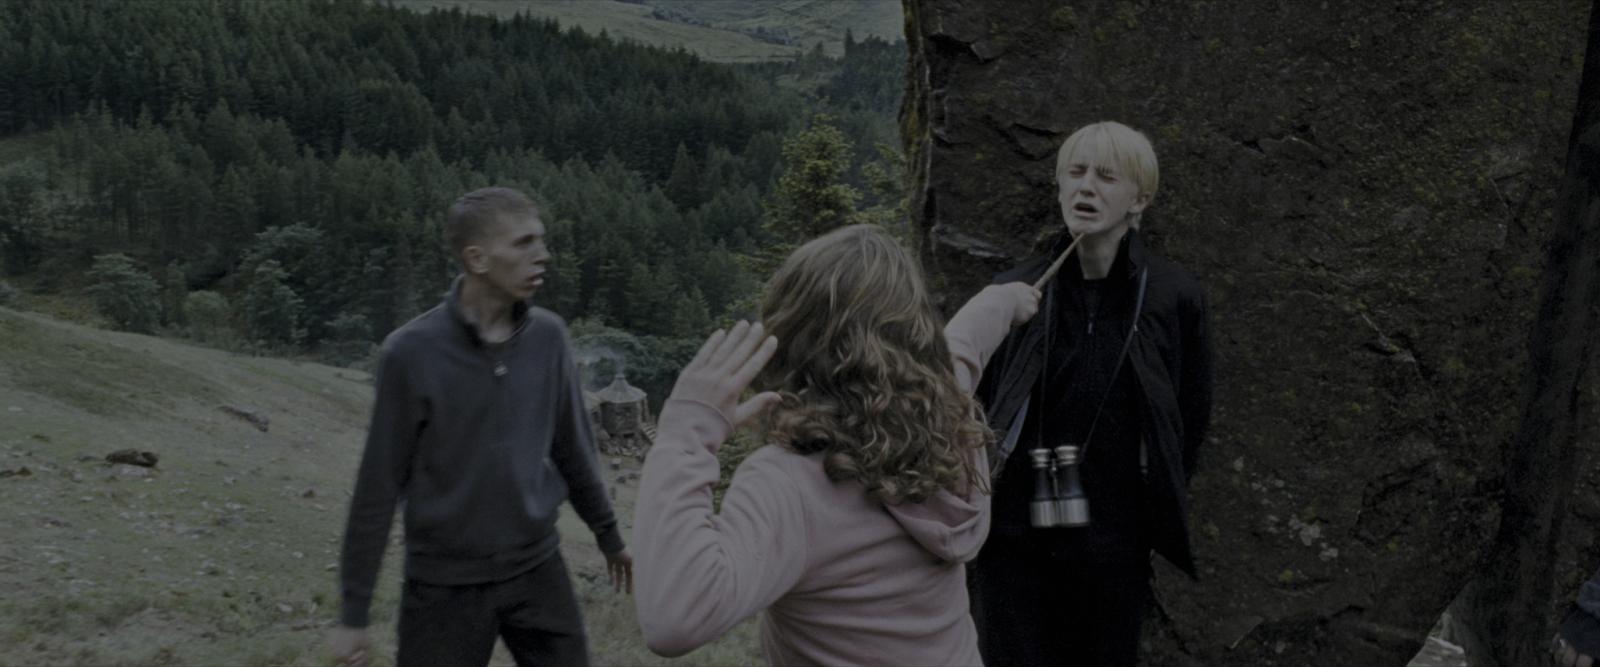 Harry Potter y el Prisionero de Azkaban (2004) 4K UHD [HDR] Latino - Castellano - Ingles captura 3